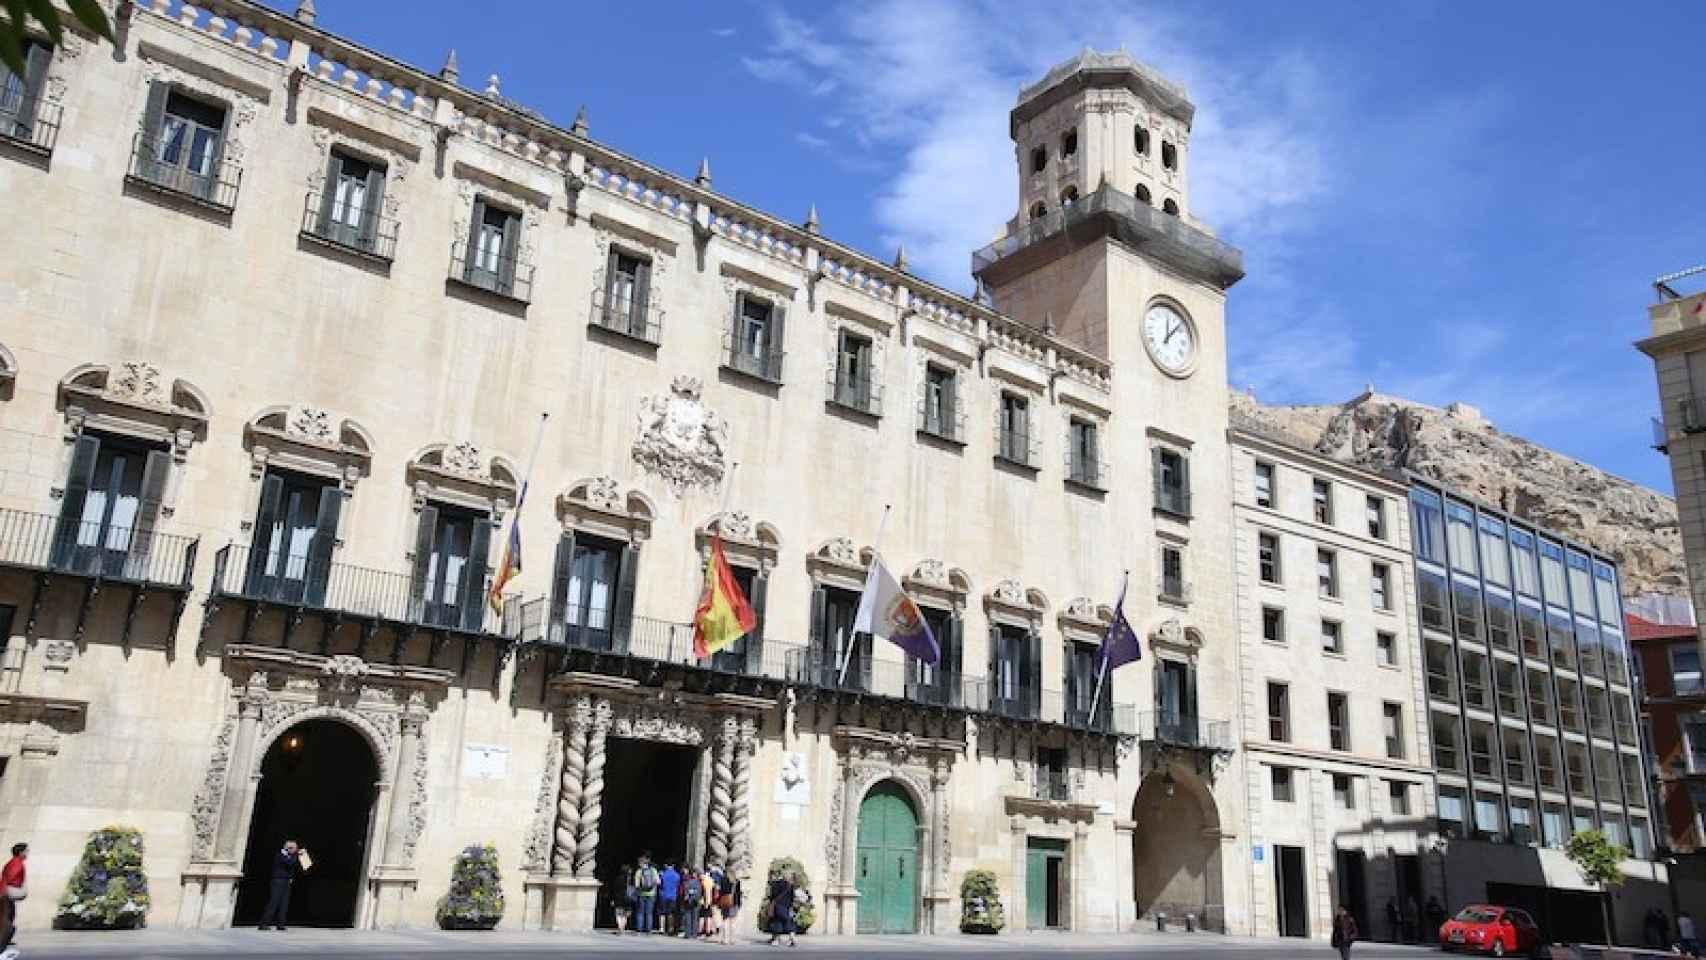 Plaza del Ayuntamiento de Alicante.